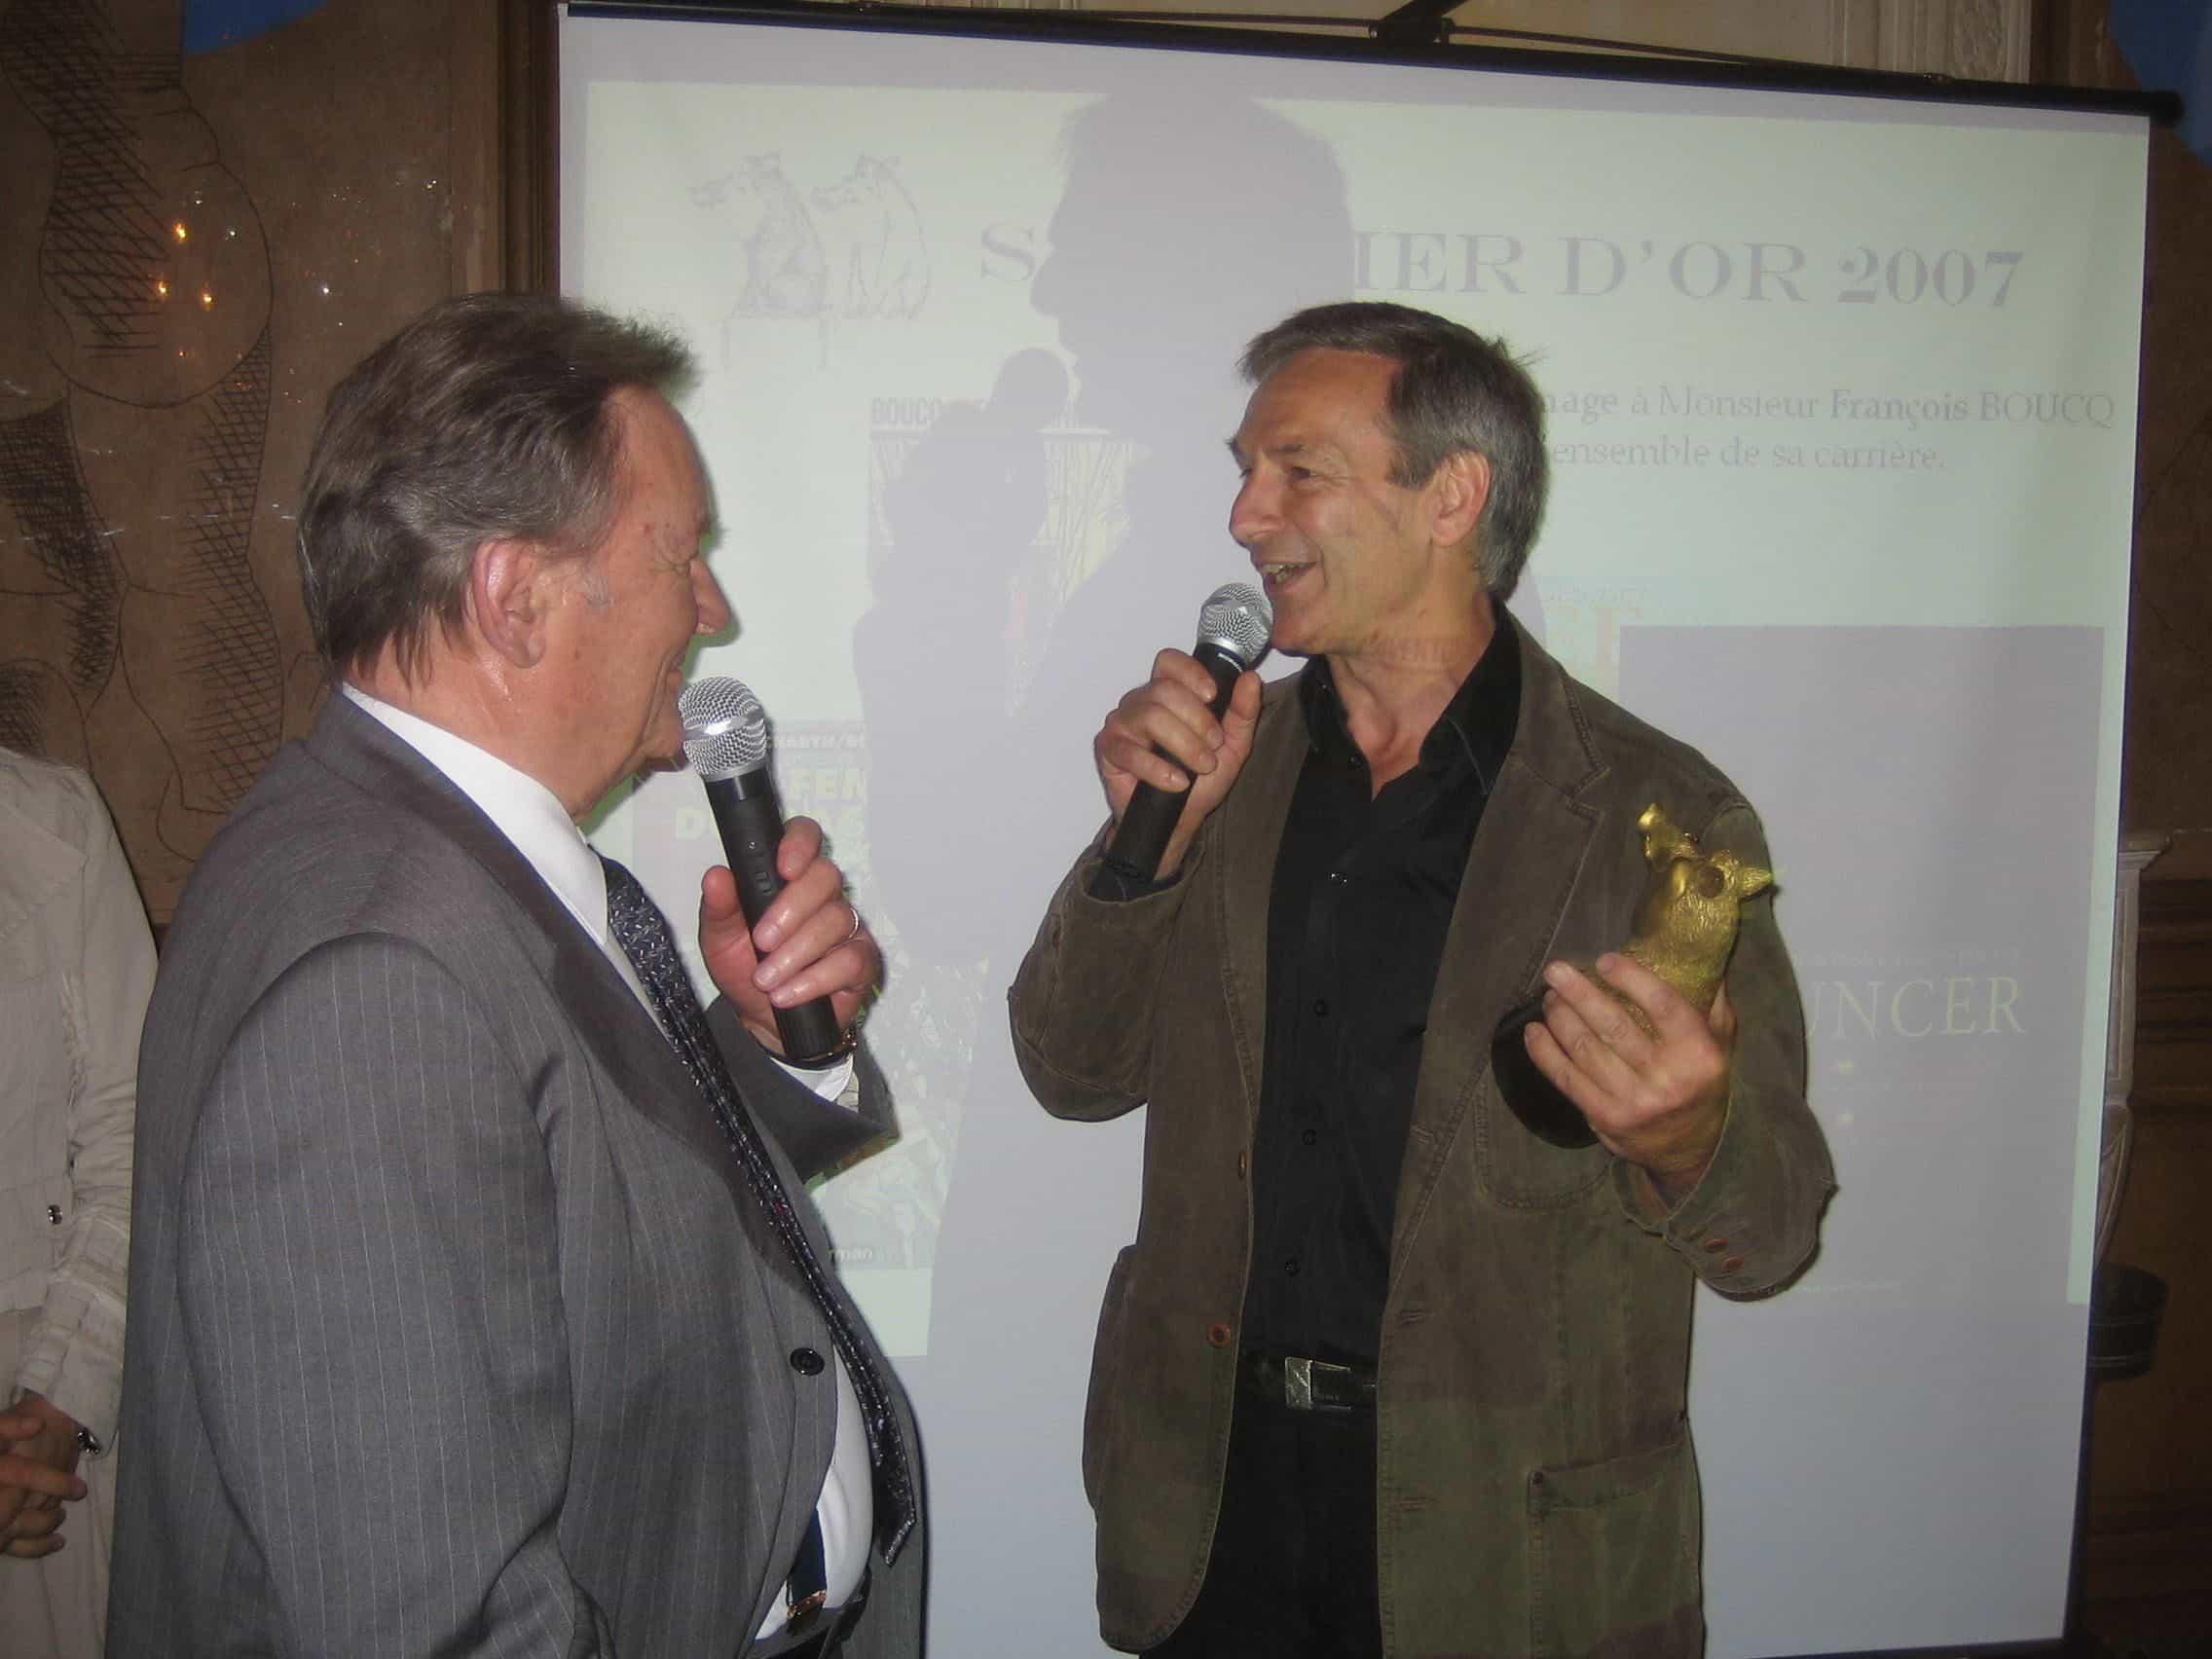 François Boucq honoré par Albert Uderzo